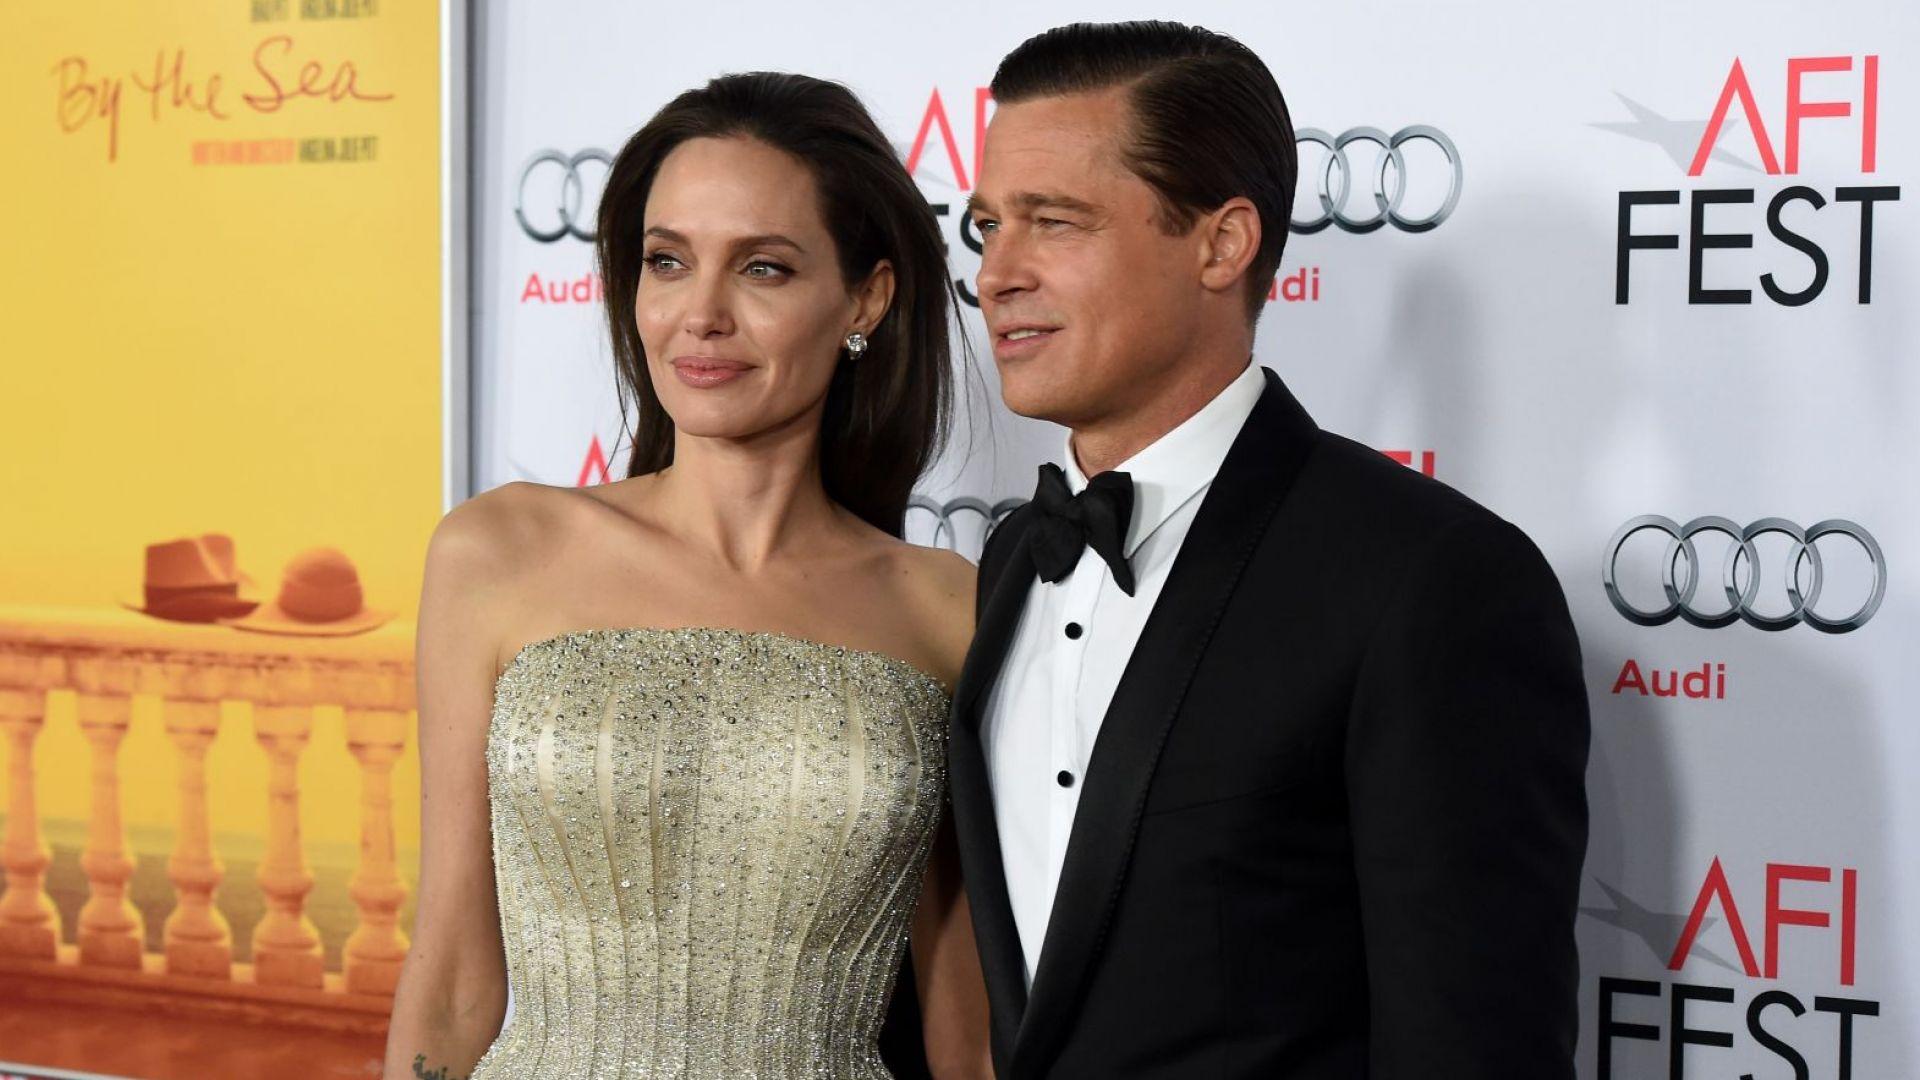 Въпреки развода, Анджелина и Брад с ново бизнес начинание